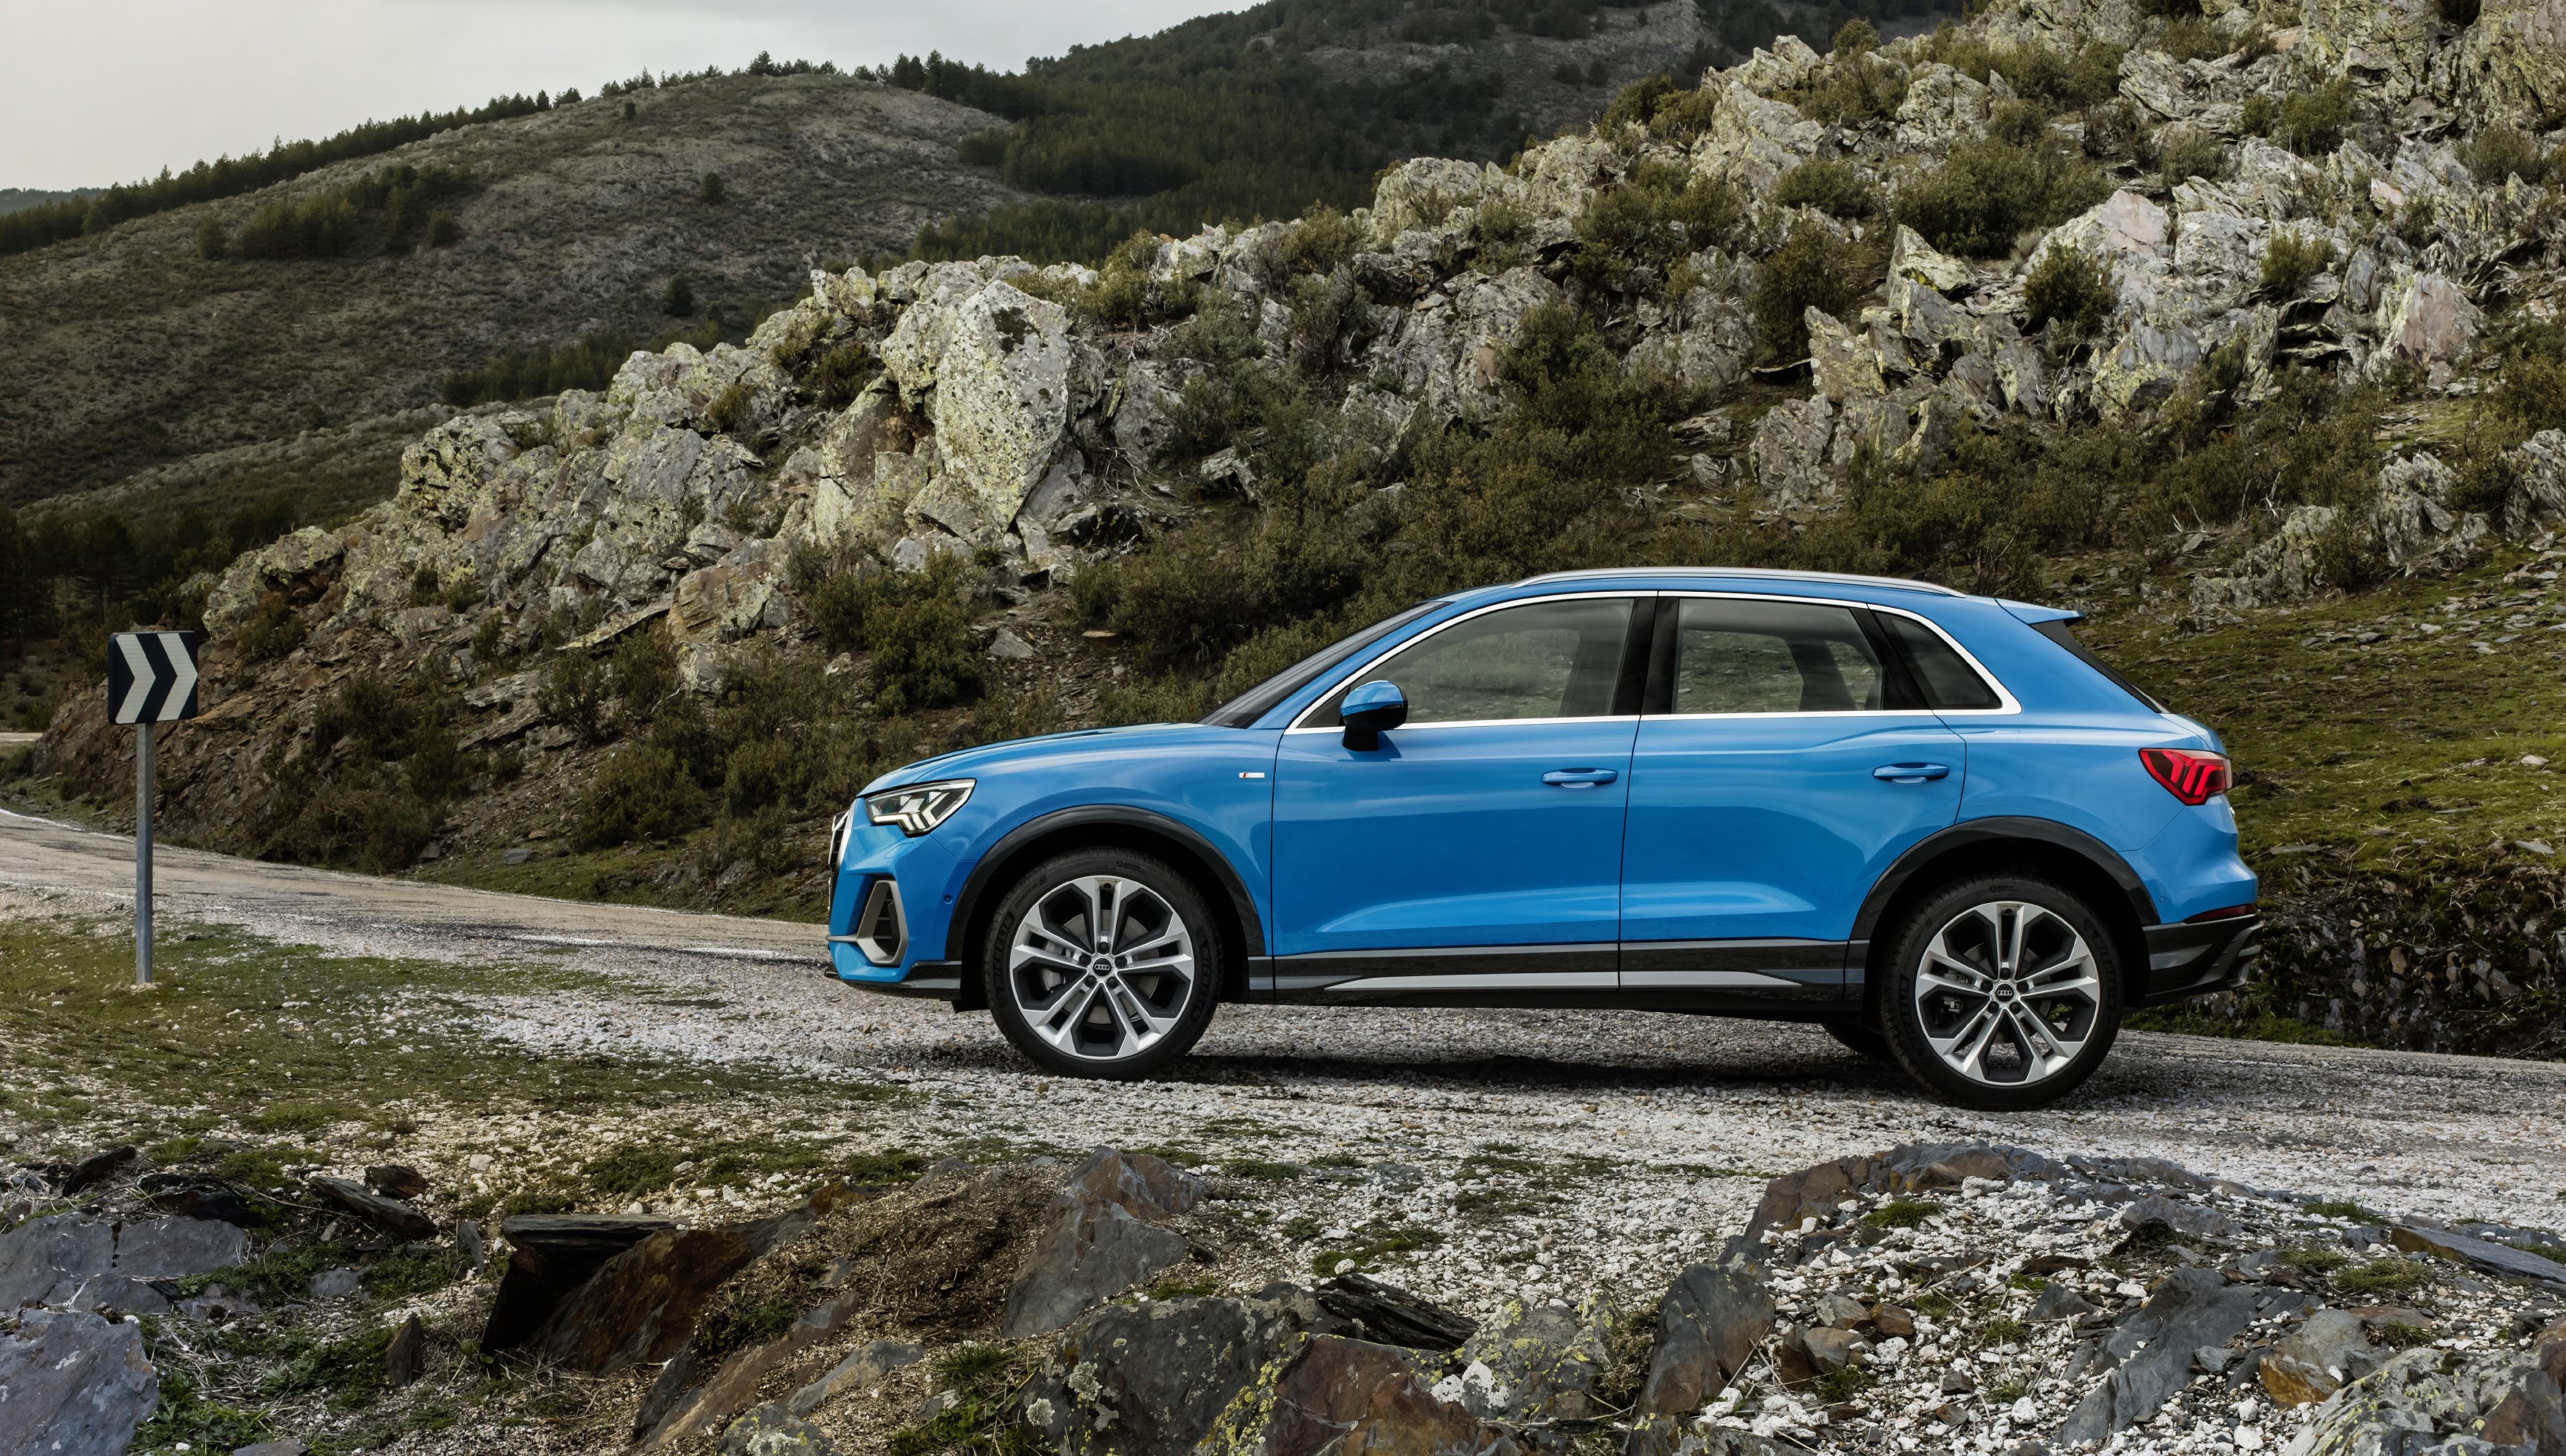 Esterni nuova Audi Q3